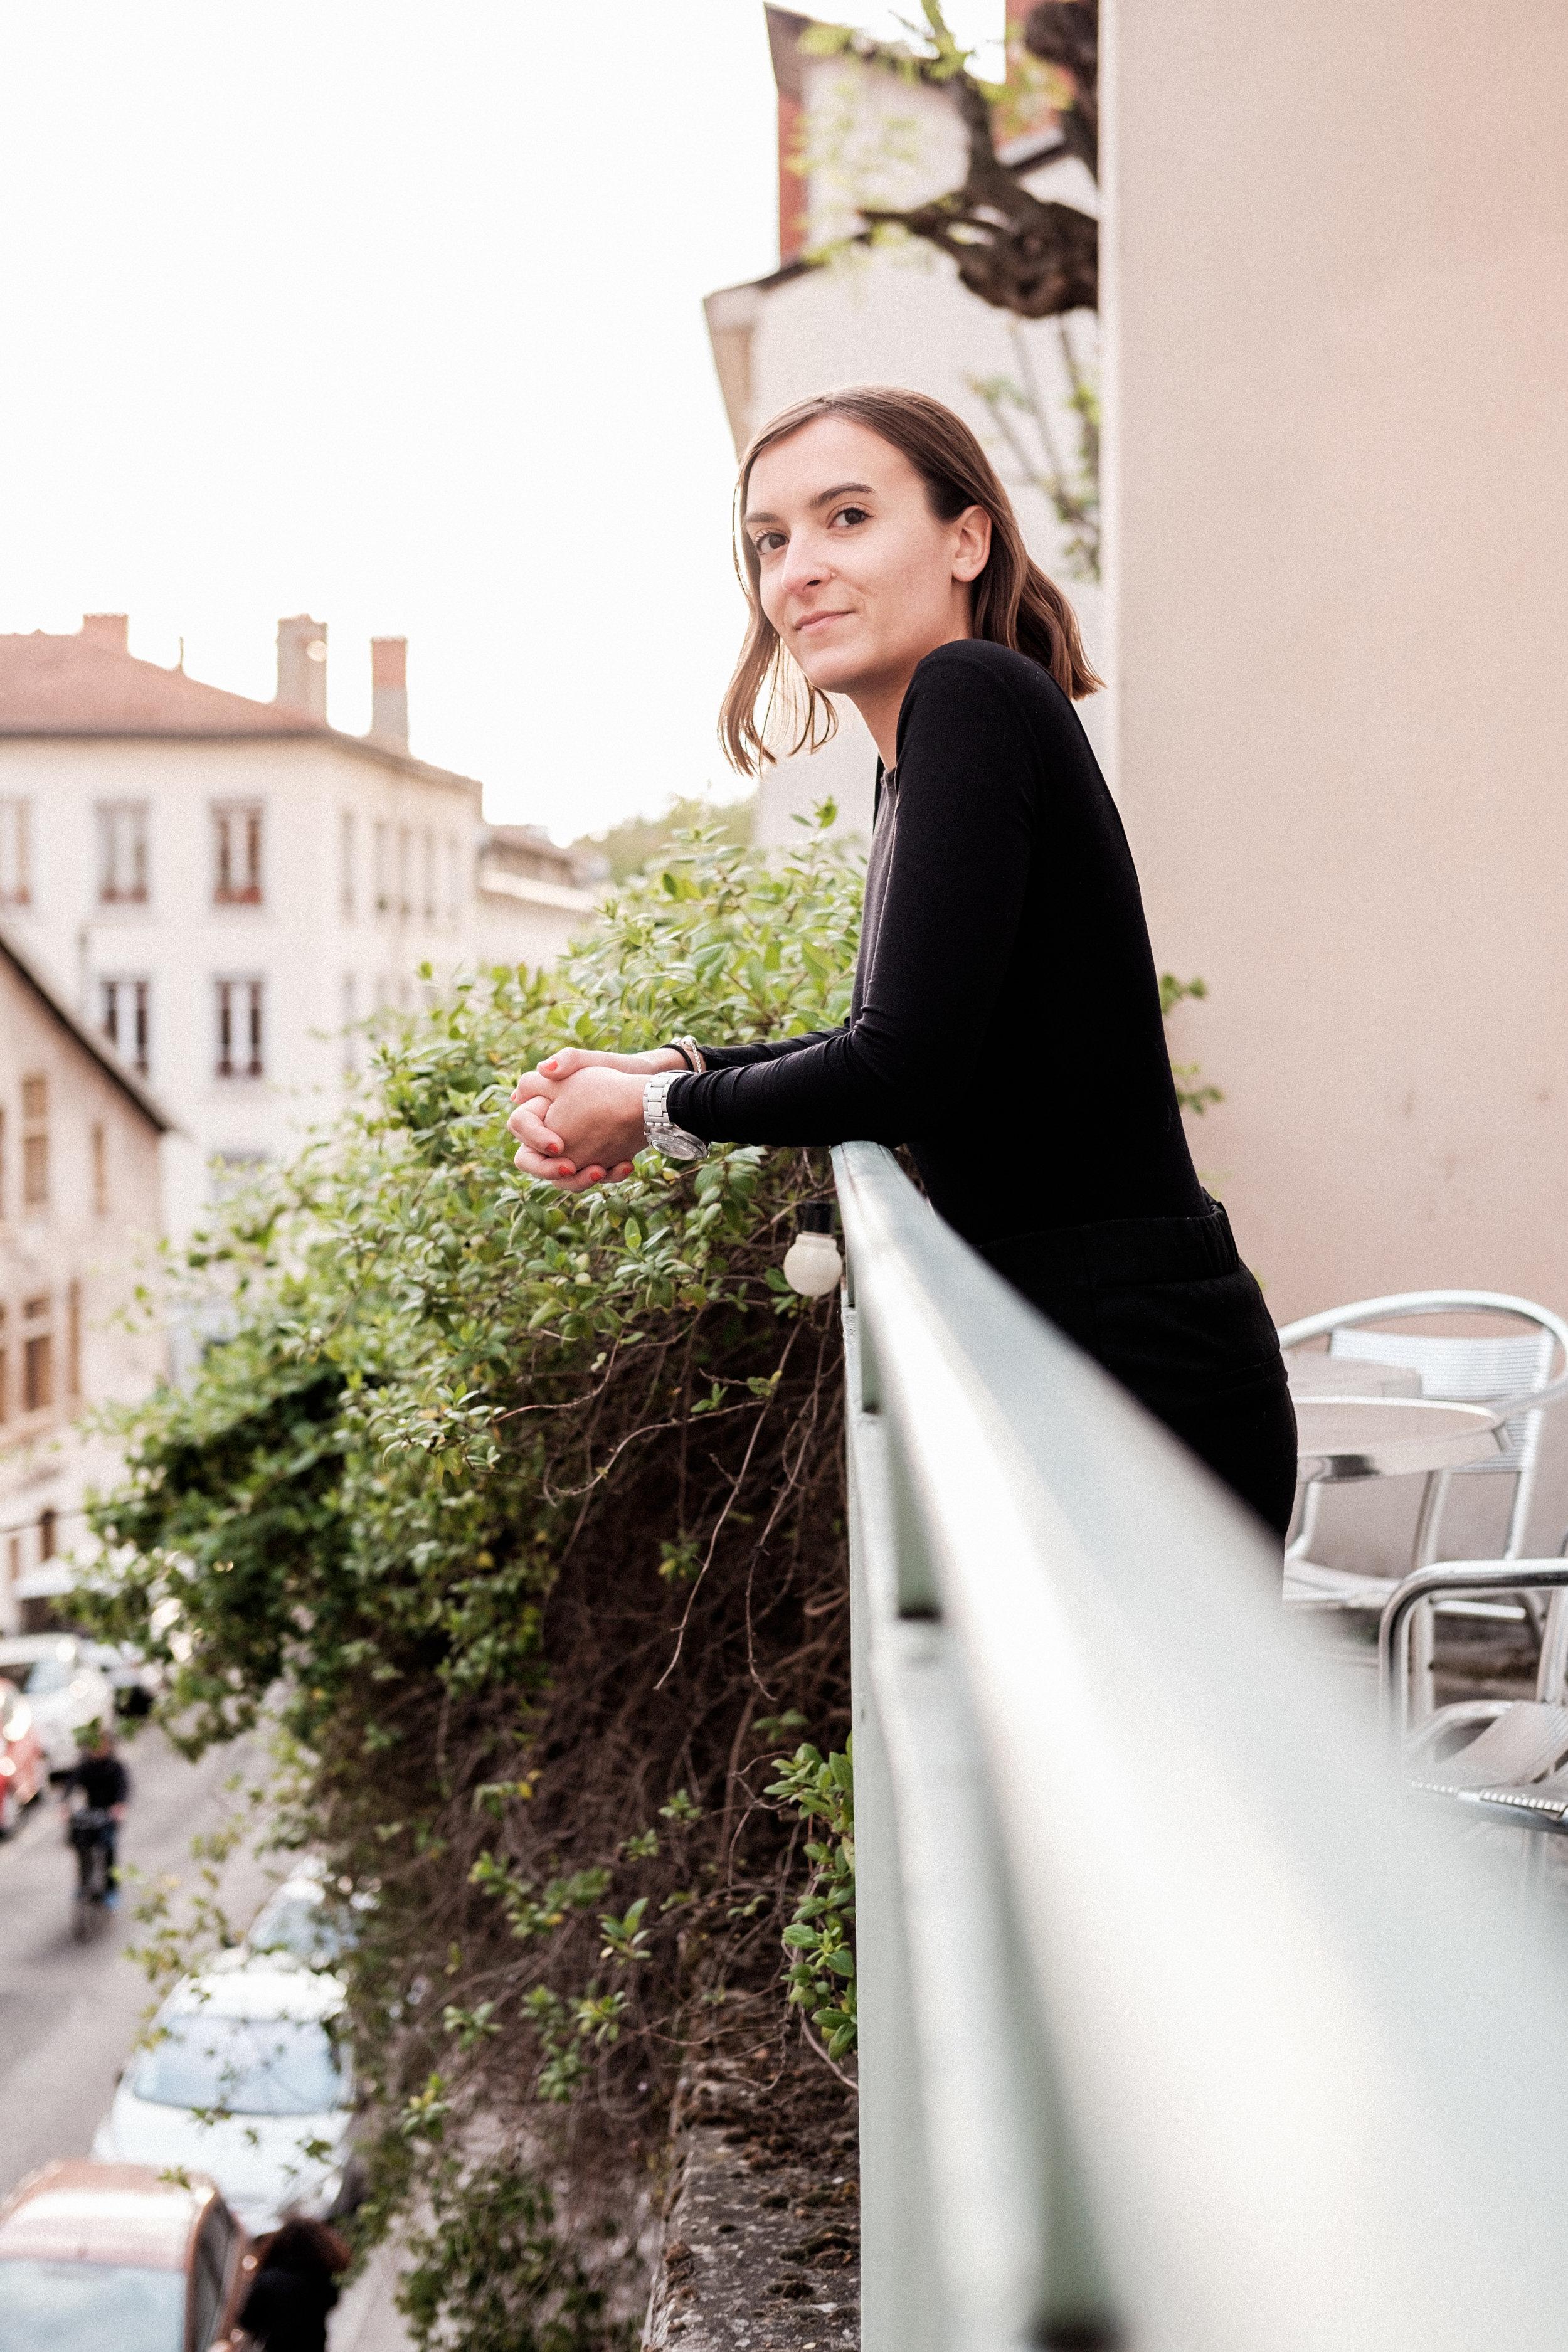 PORTRAIT : JUSTINE, LYON 1er   Des transats, des Spritz posés sur des tables de bistrot et un groupe d'amis réunis pour un apéro à rallonge, vous n'êtes pas sur n'importe quelle terrasse lyonnaise. Vous êtes sur la Bronzette de Justine.